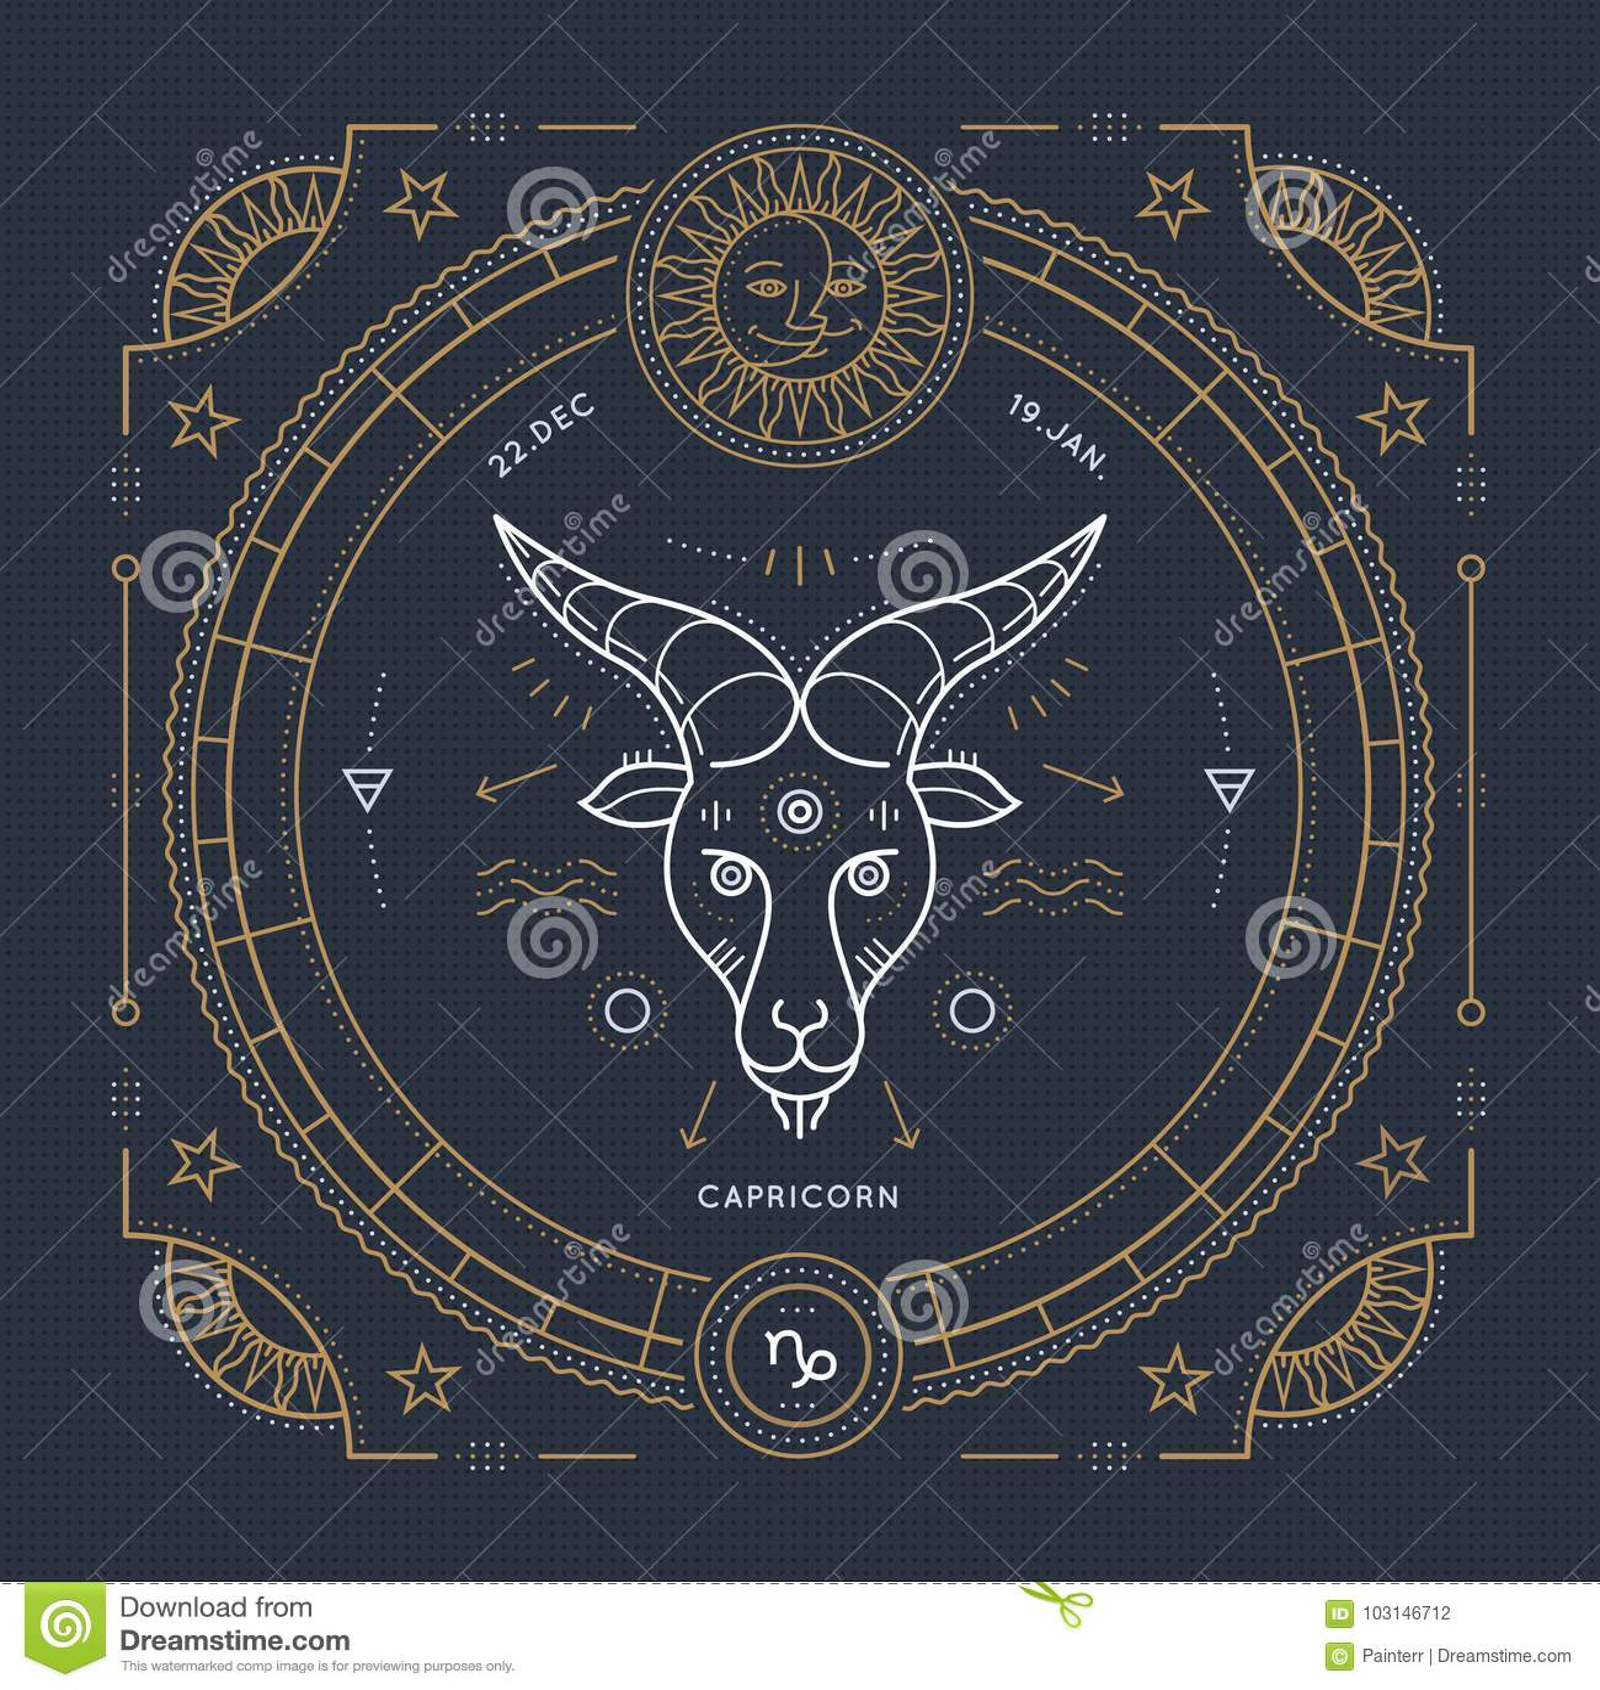 葡萄酒稀薄的线山羊座黄道带标志标签 减速火箭的传染媒介占星术标志,神秘主义者,神圣的几何元素,象征